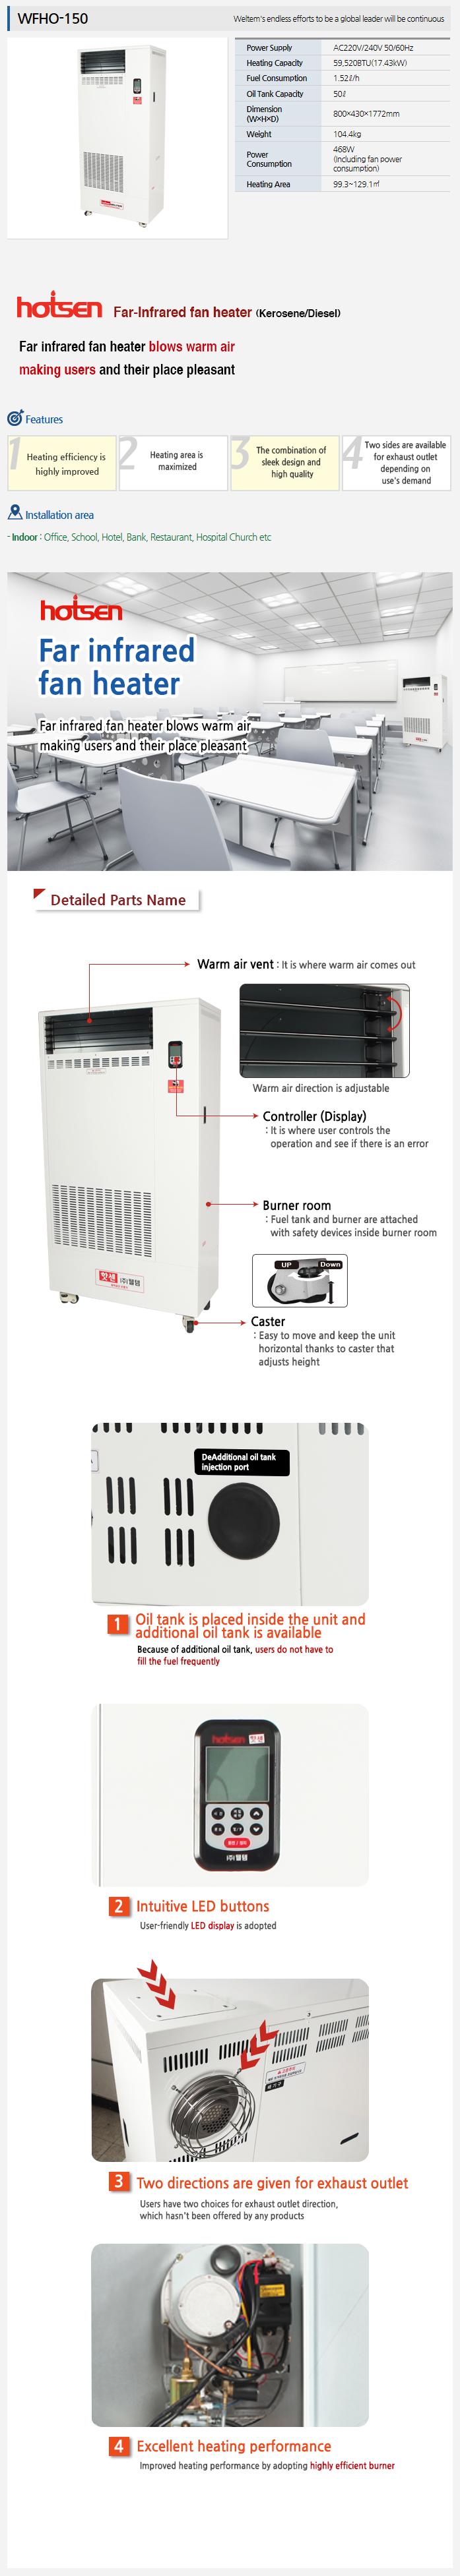 WELTEM Far Infrared Fan Heater WFHO-150